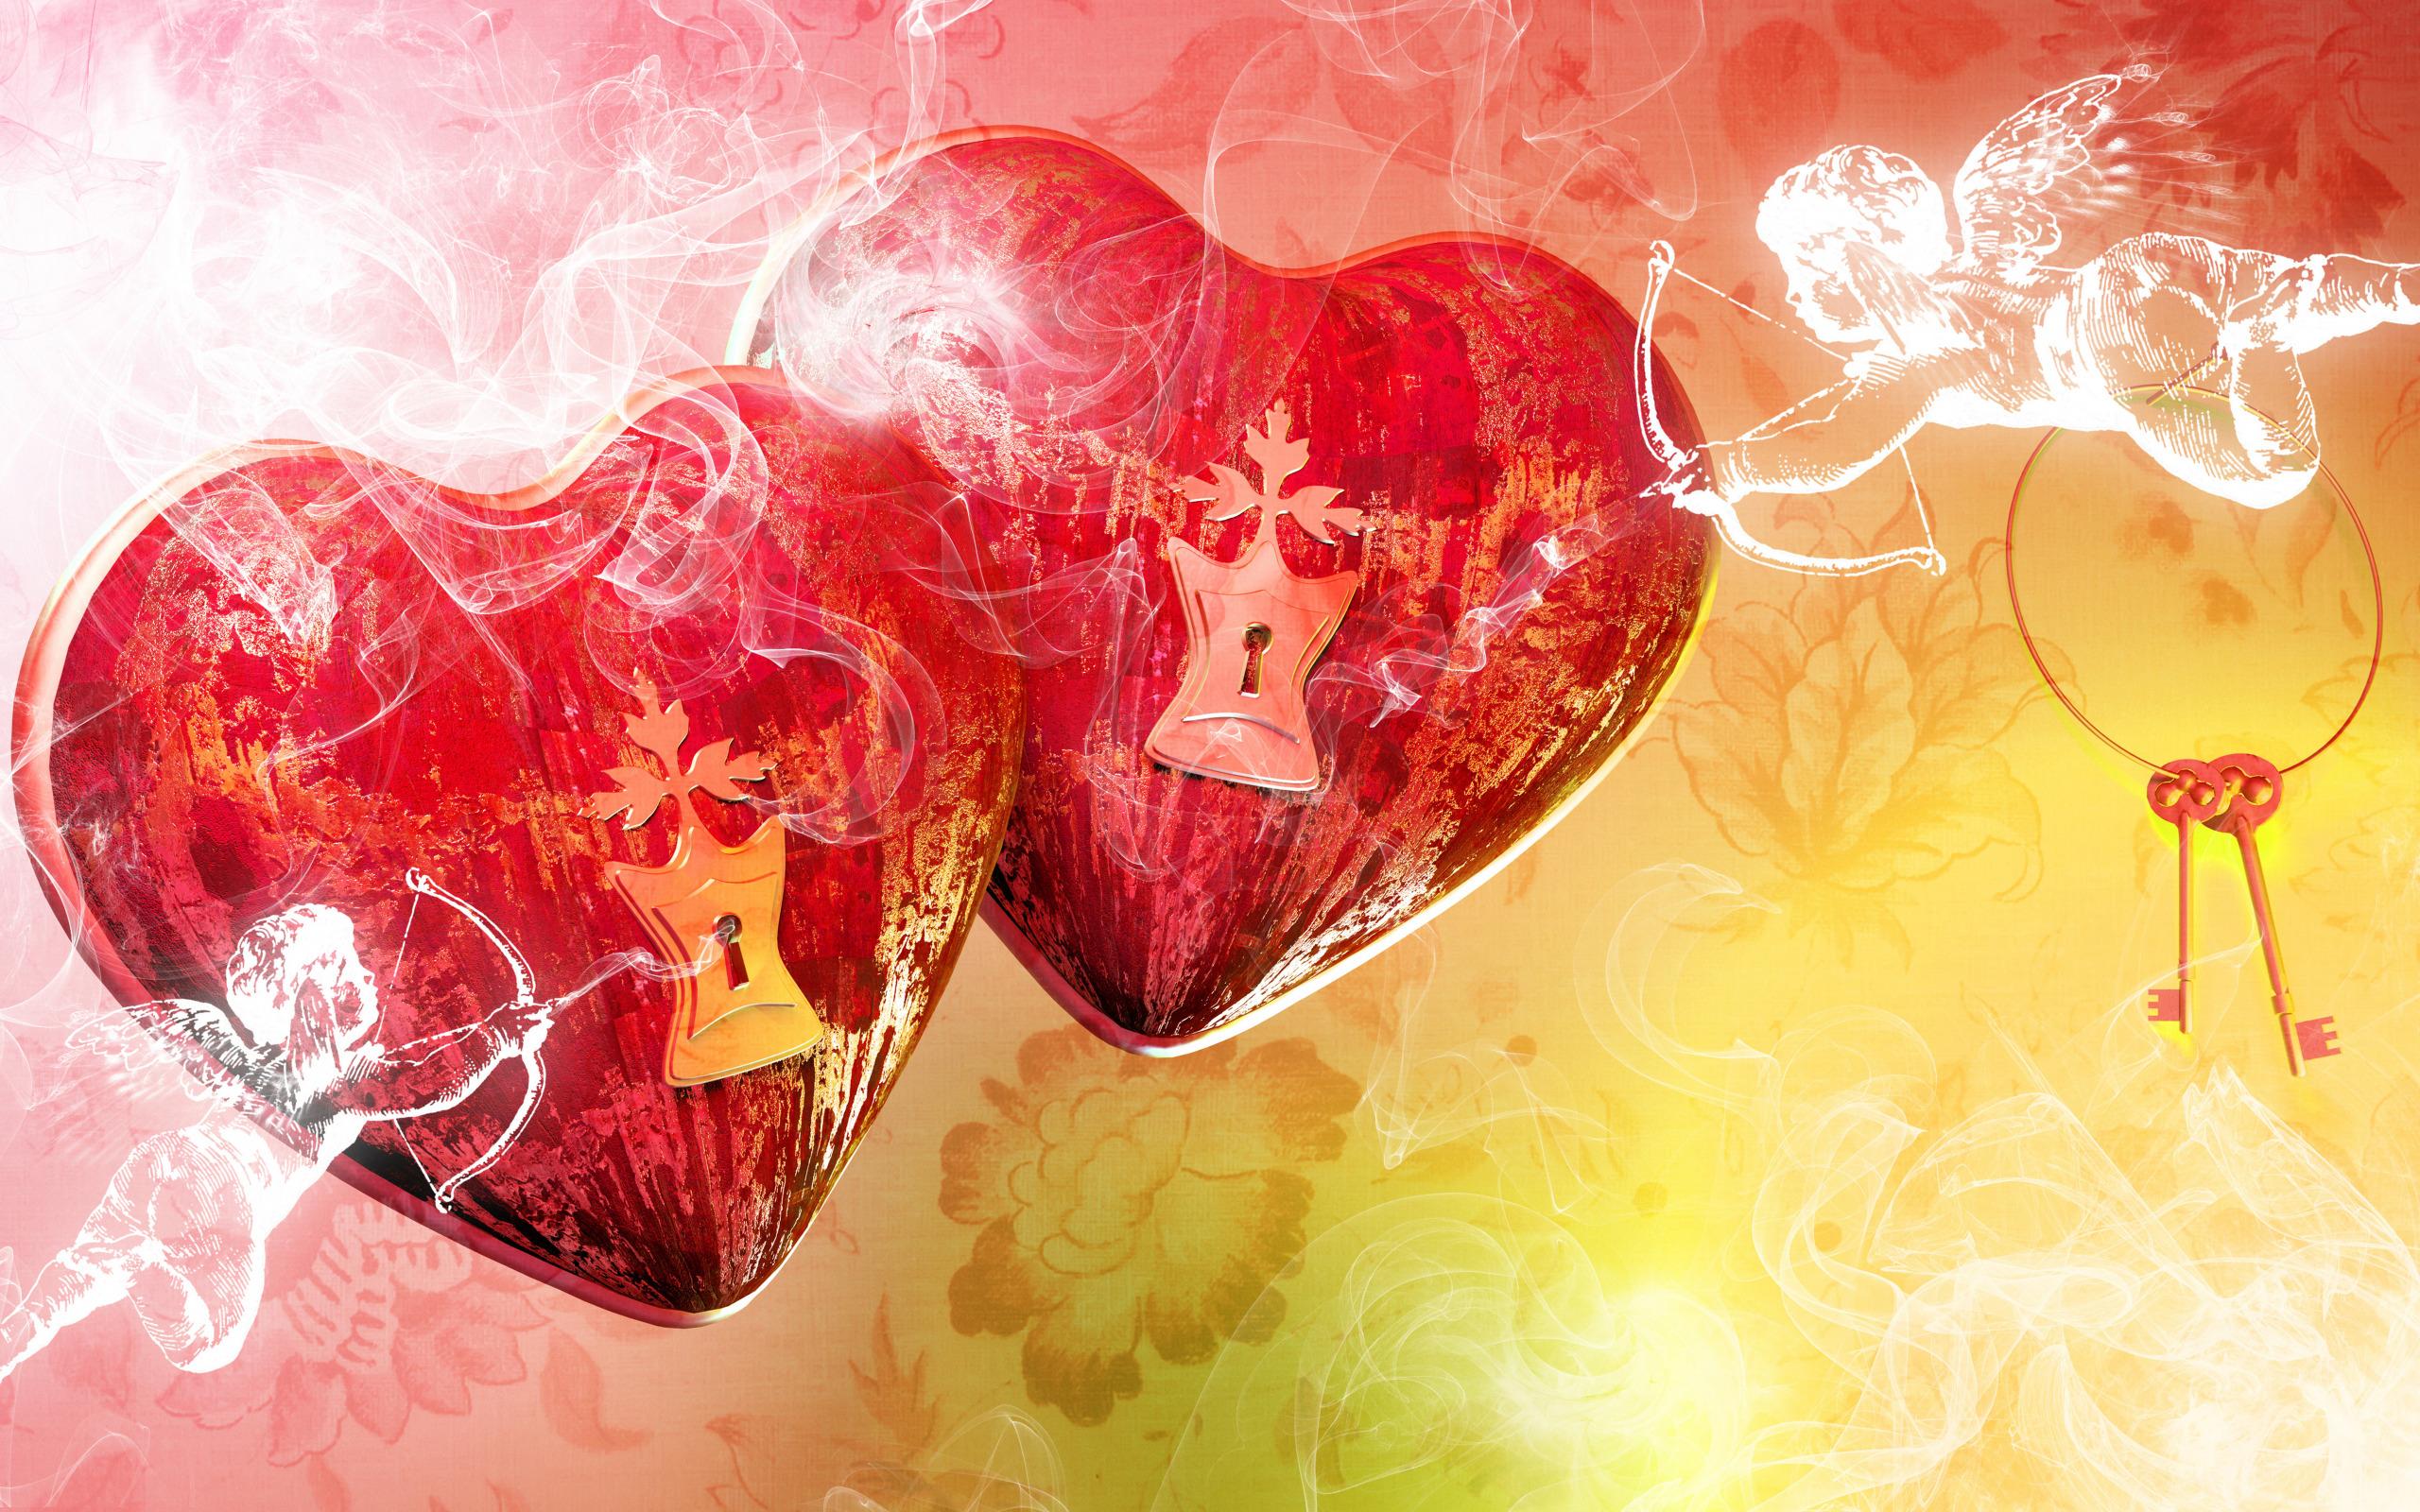 Картинки для рабочего стола сердце любви